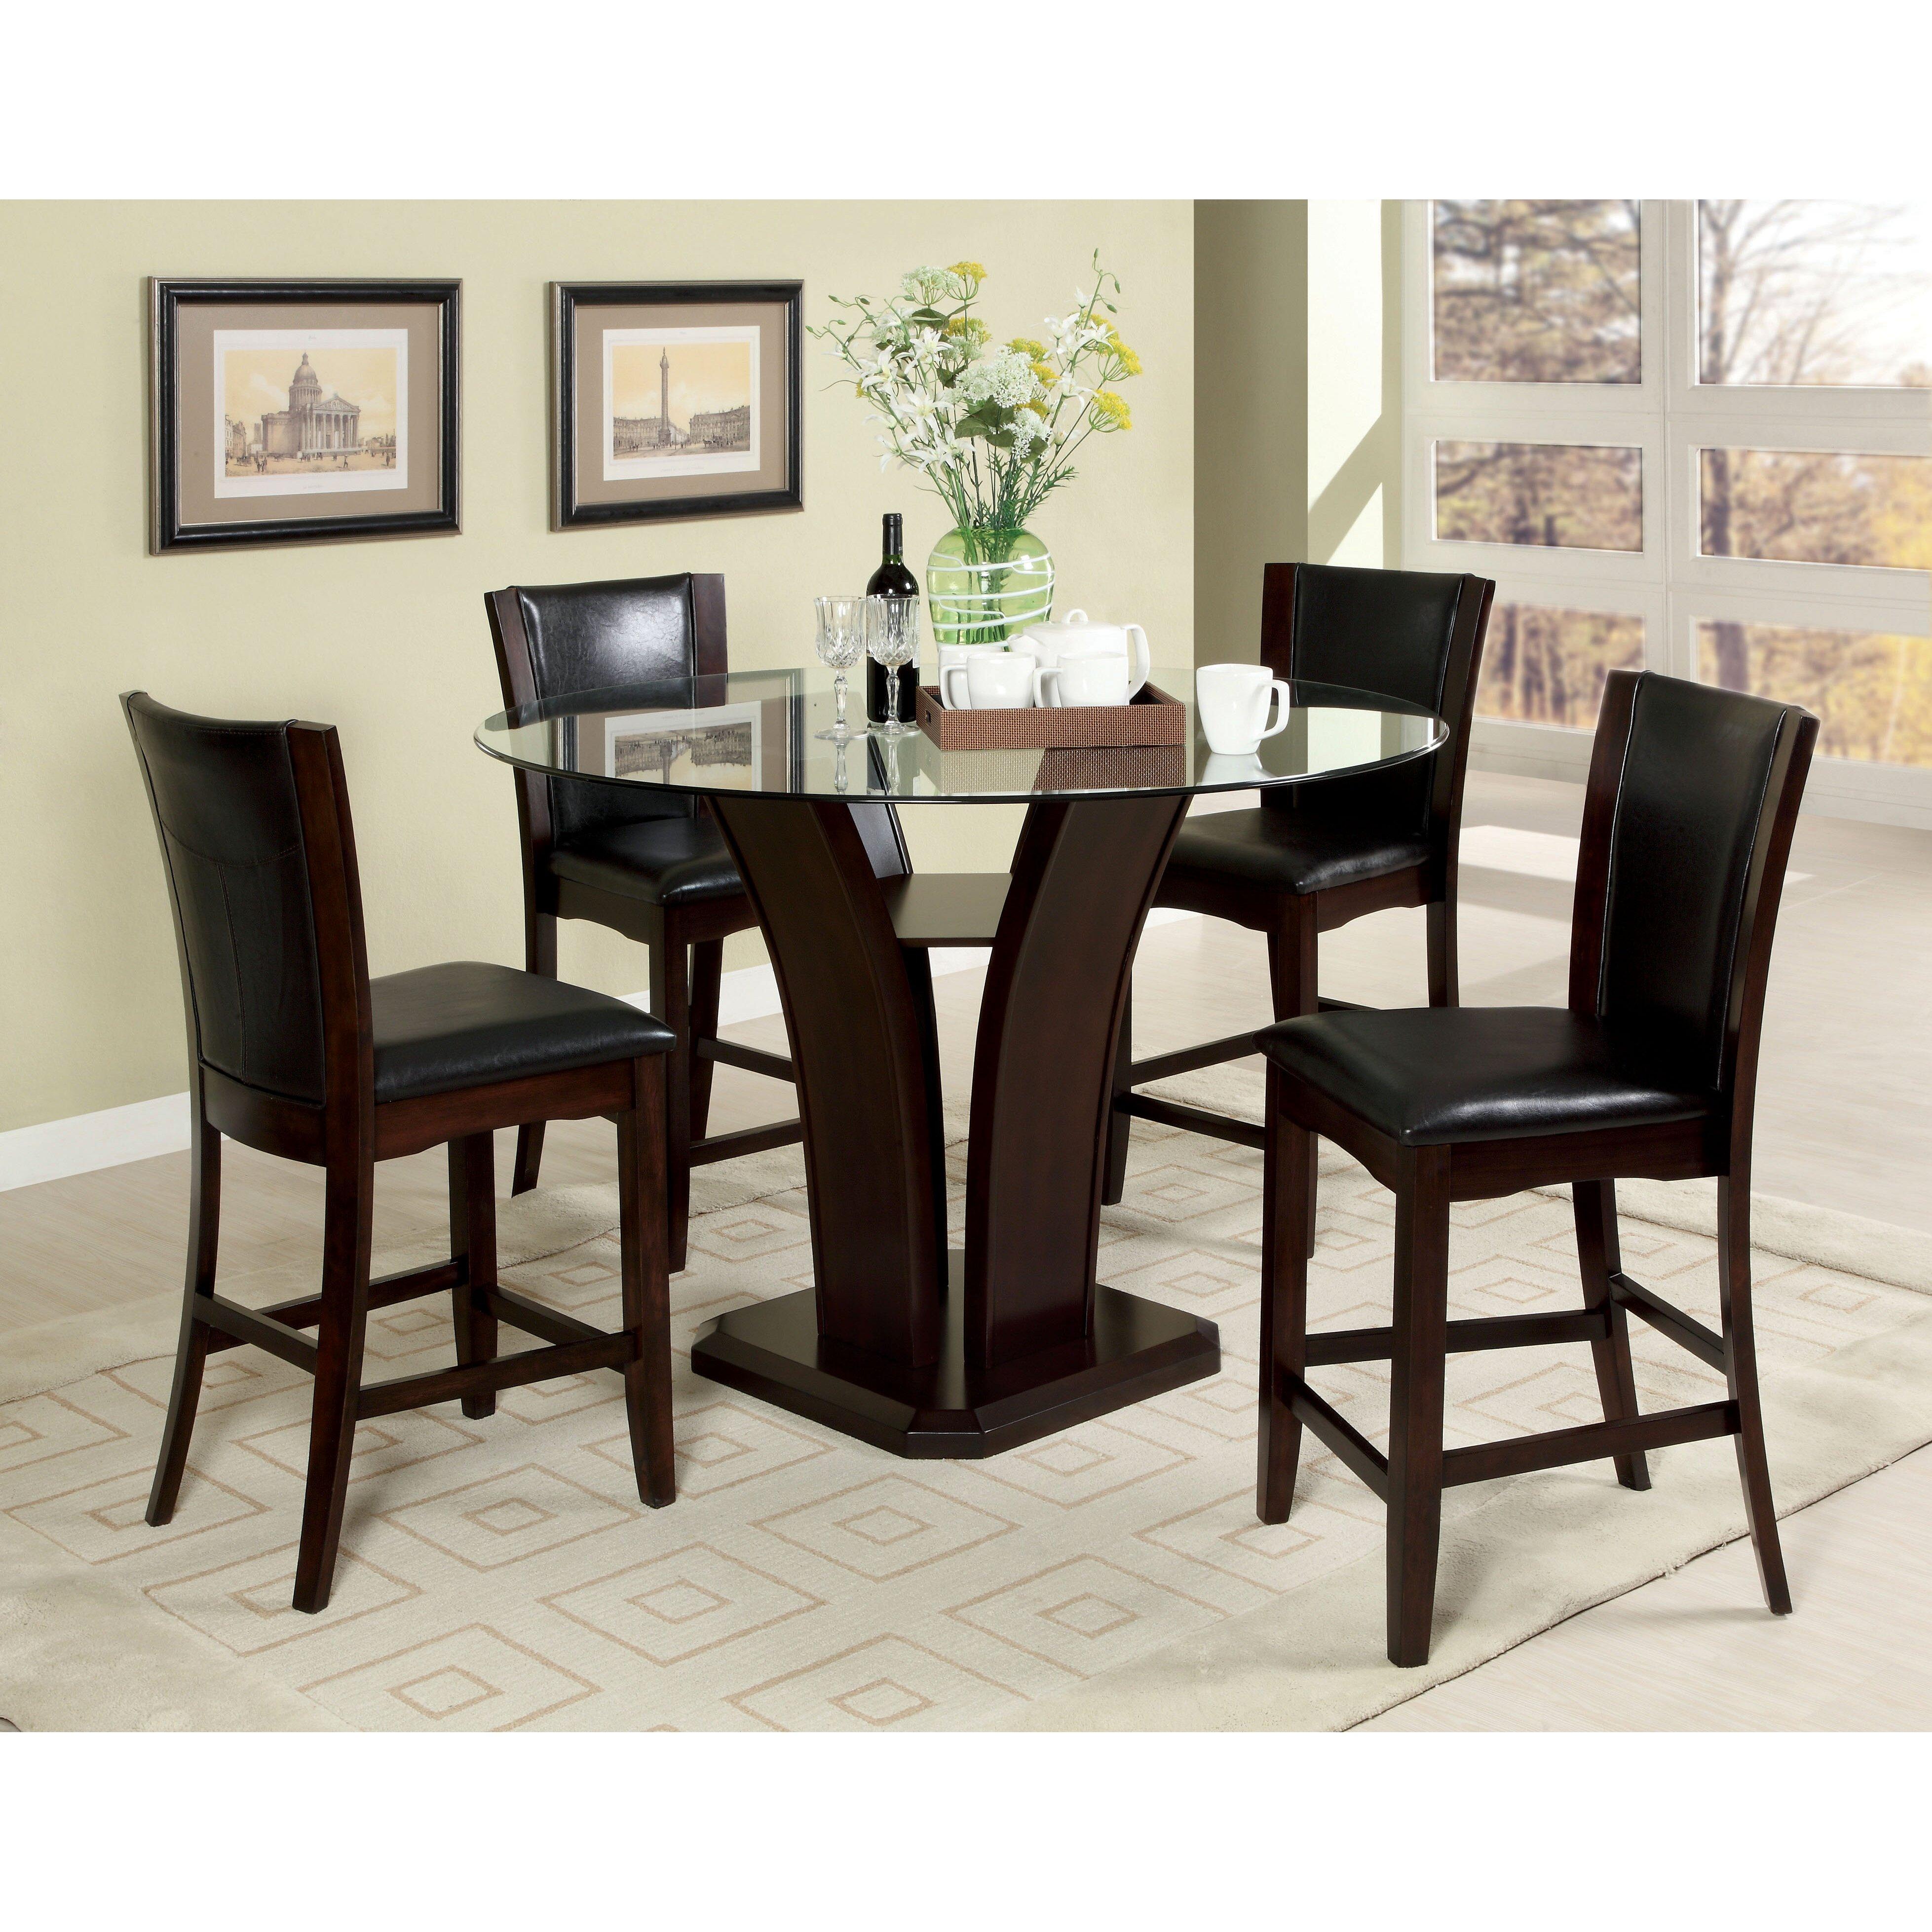 Hokku Designs Uptown 5 Piece Counter Height Dining Set  : Hokku Designs Uptown 5 Piece Counter Height Dining Set from www.wayfair.com size 3915 x 3915 jpeg 2269kB